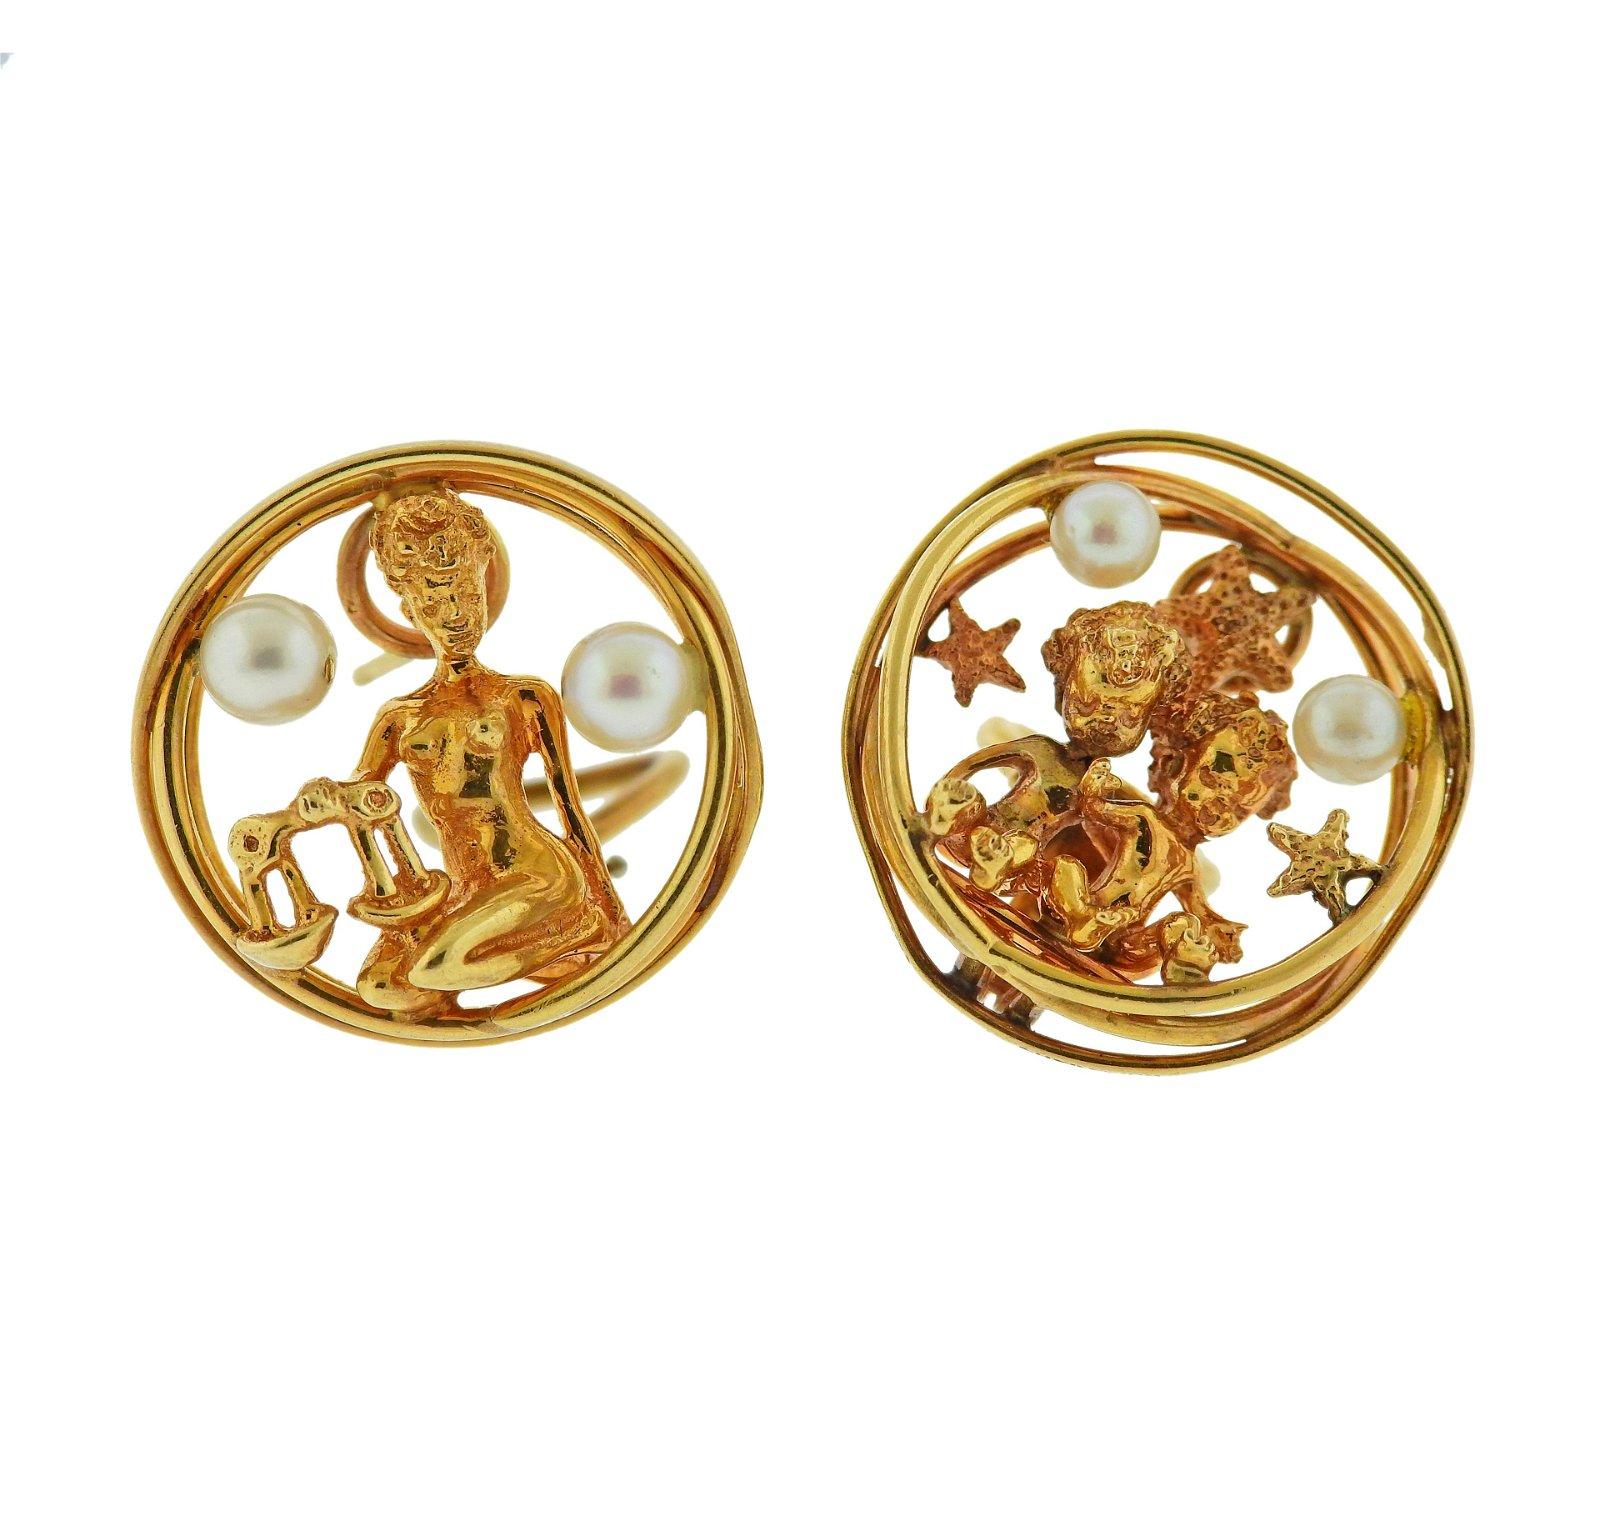 Ruser Retro 14k Gold Pearl Libra Gemini Zodiac Sign